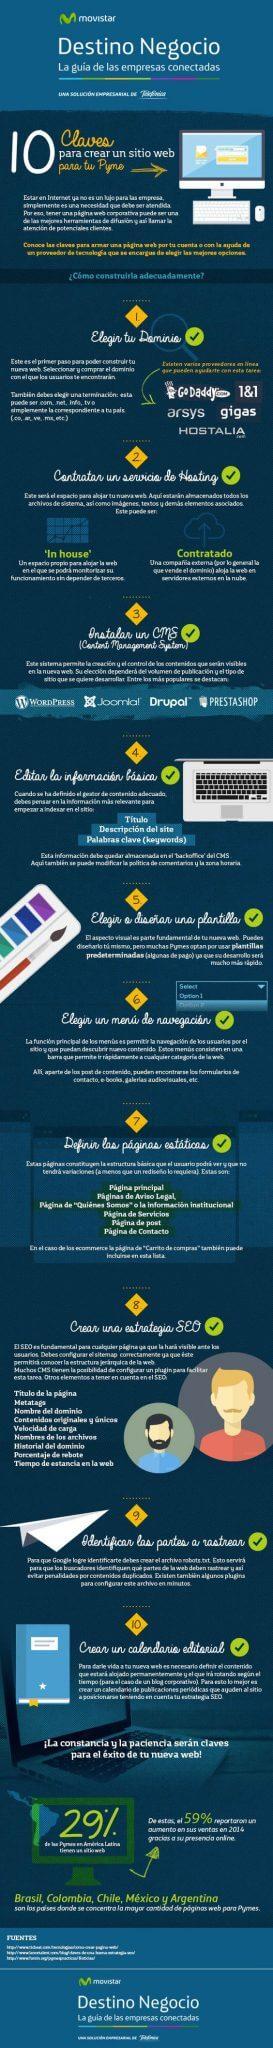 web primeros pasos dominio